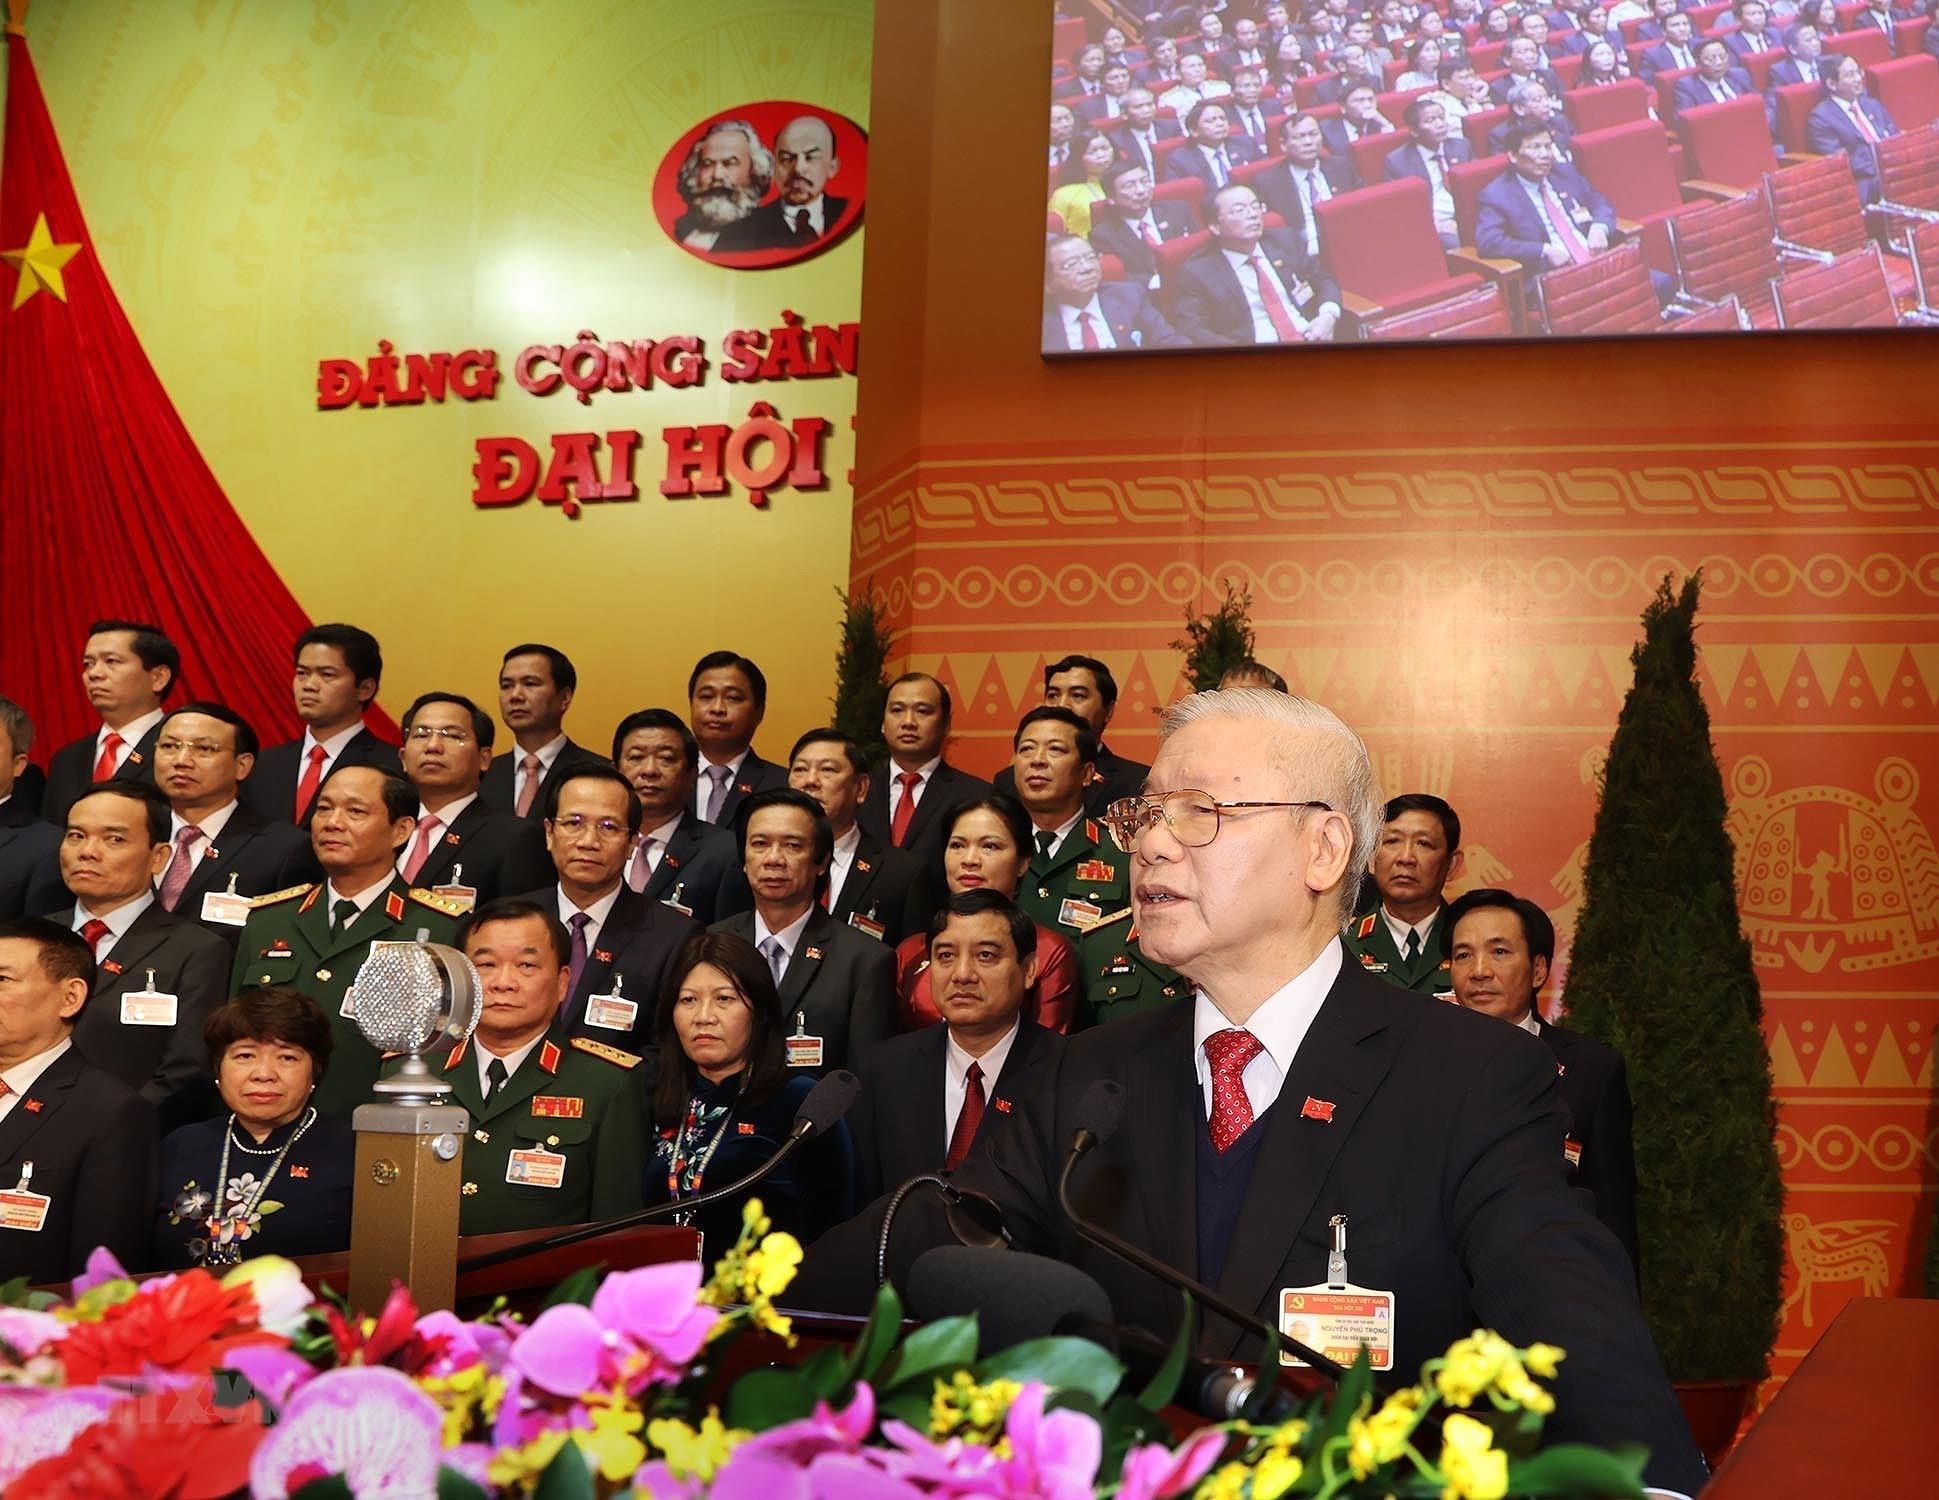 Đồng chí Nguyễn Phú Trọng, Tổng Bí thư BCH Trung ương khóa XIII, Chủ tịch nước CHXHCN Việt Nam đọc diễn văn bế mạc Đại hội